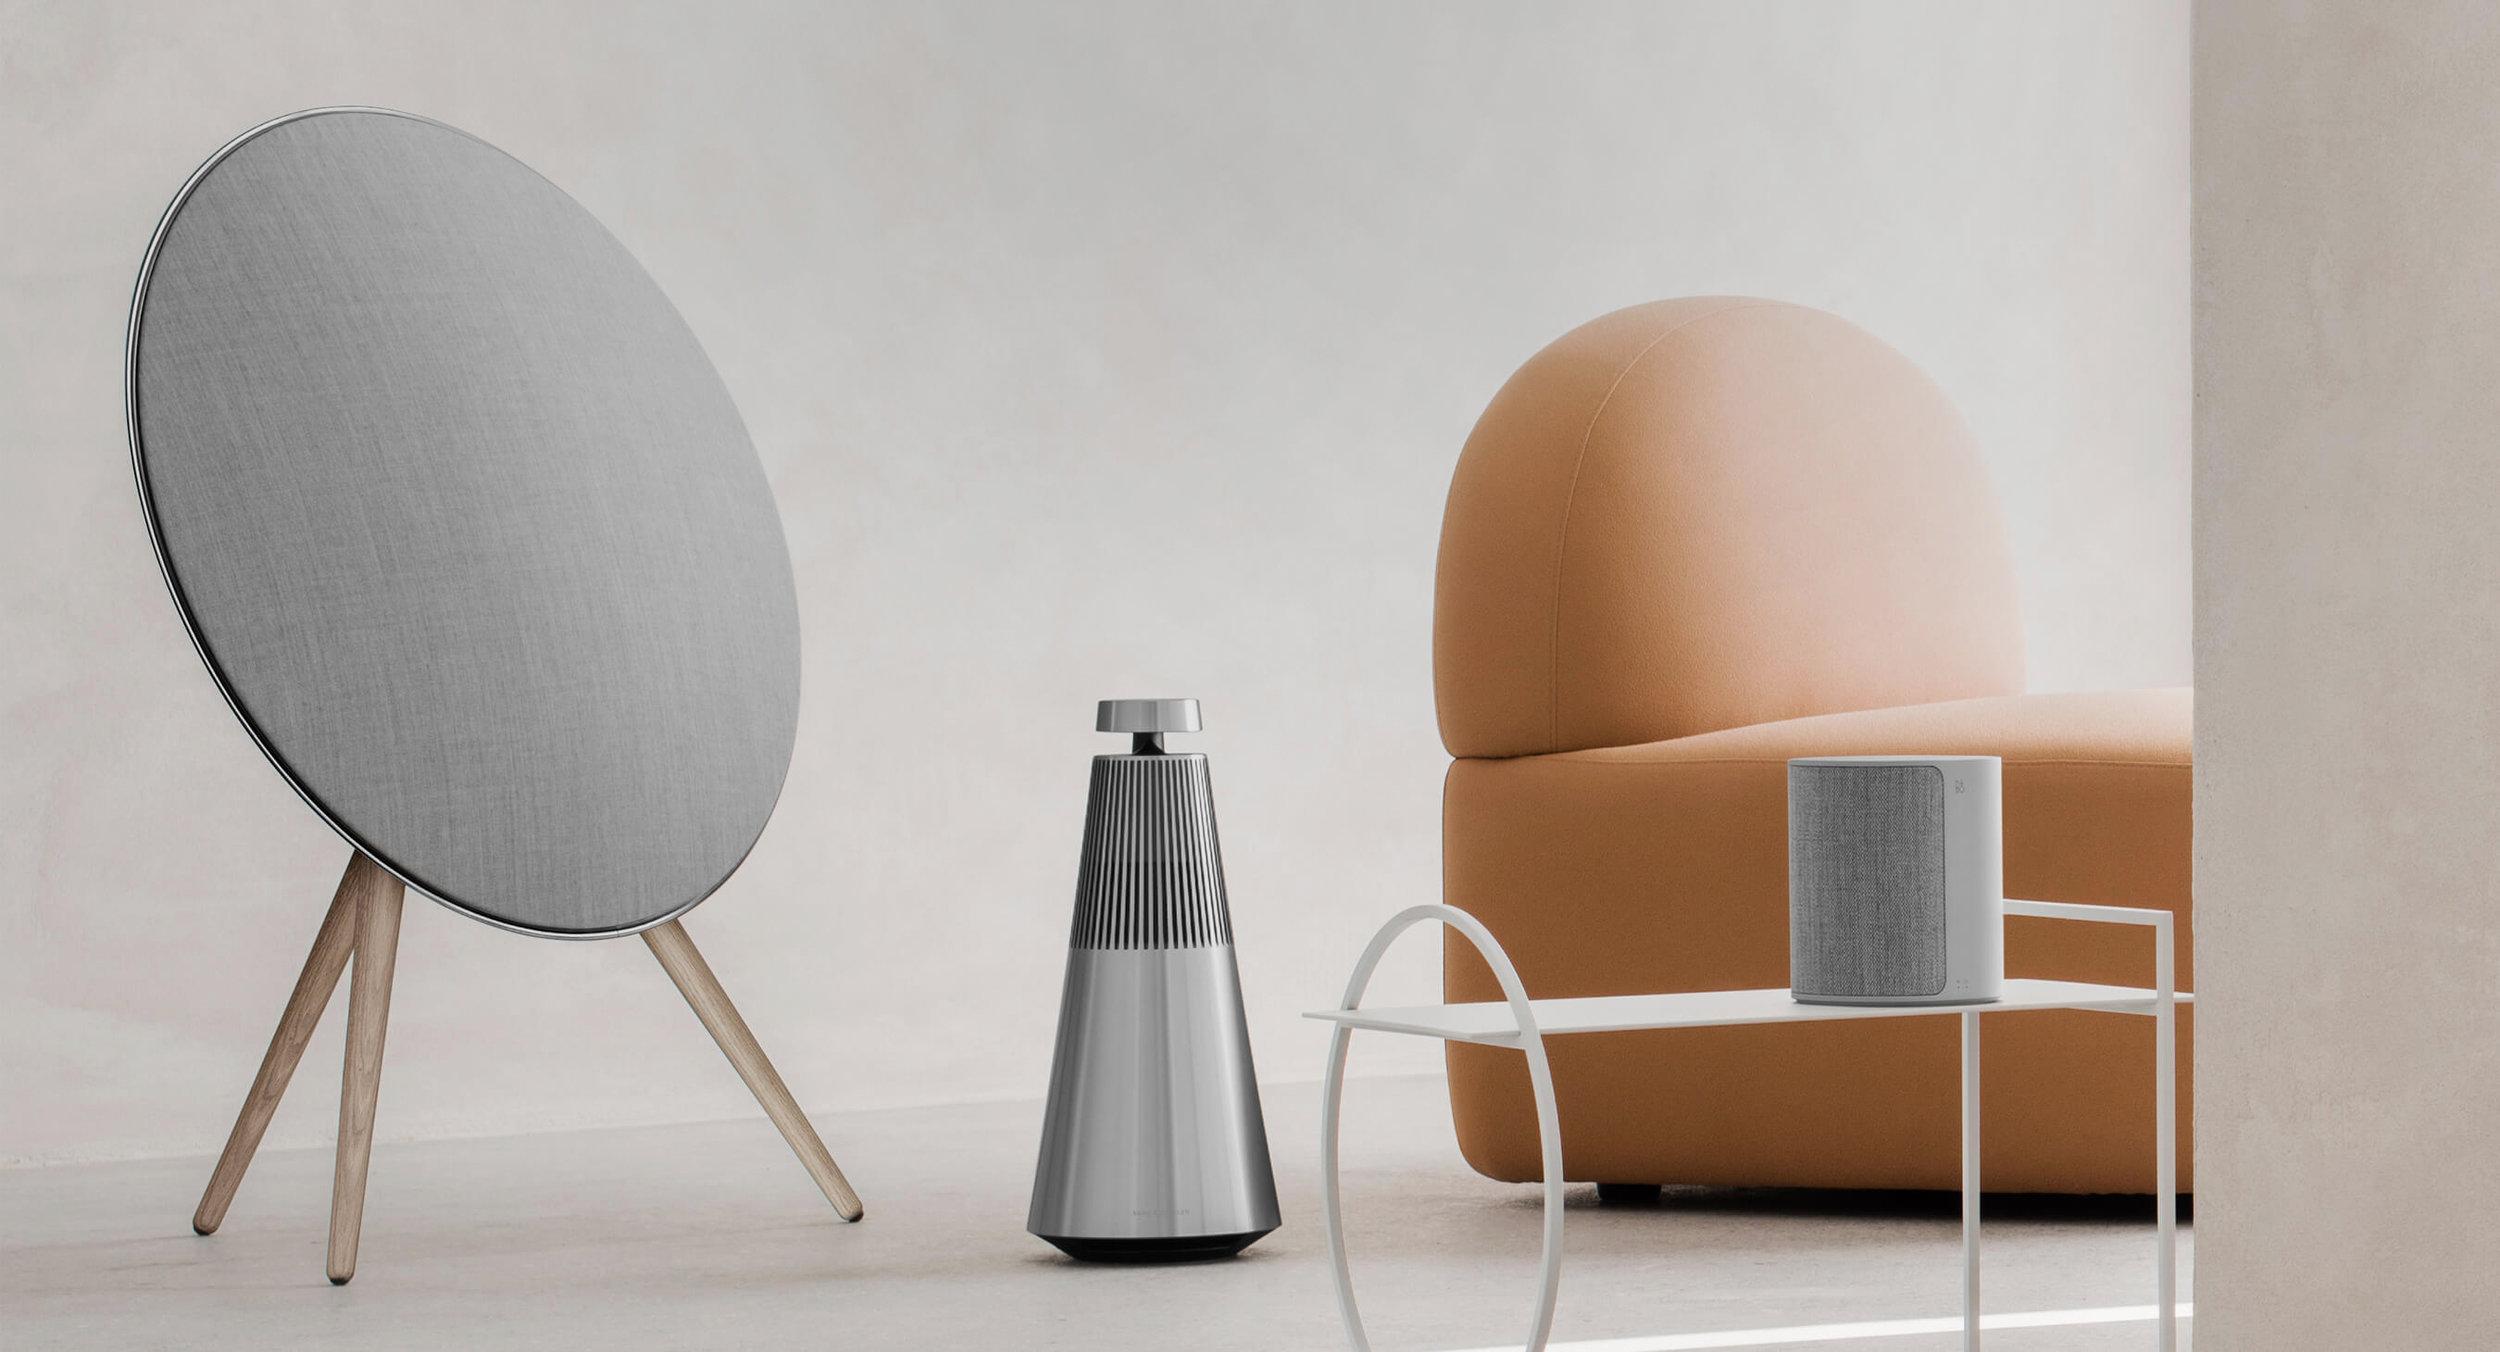 Bang & Olufsen multiroom speaker